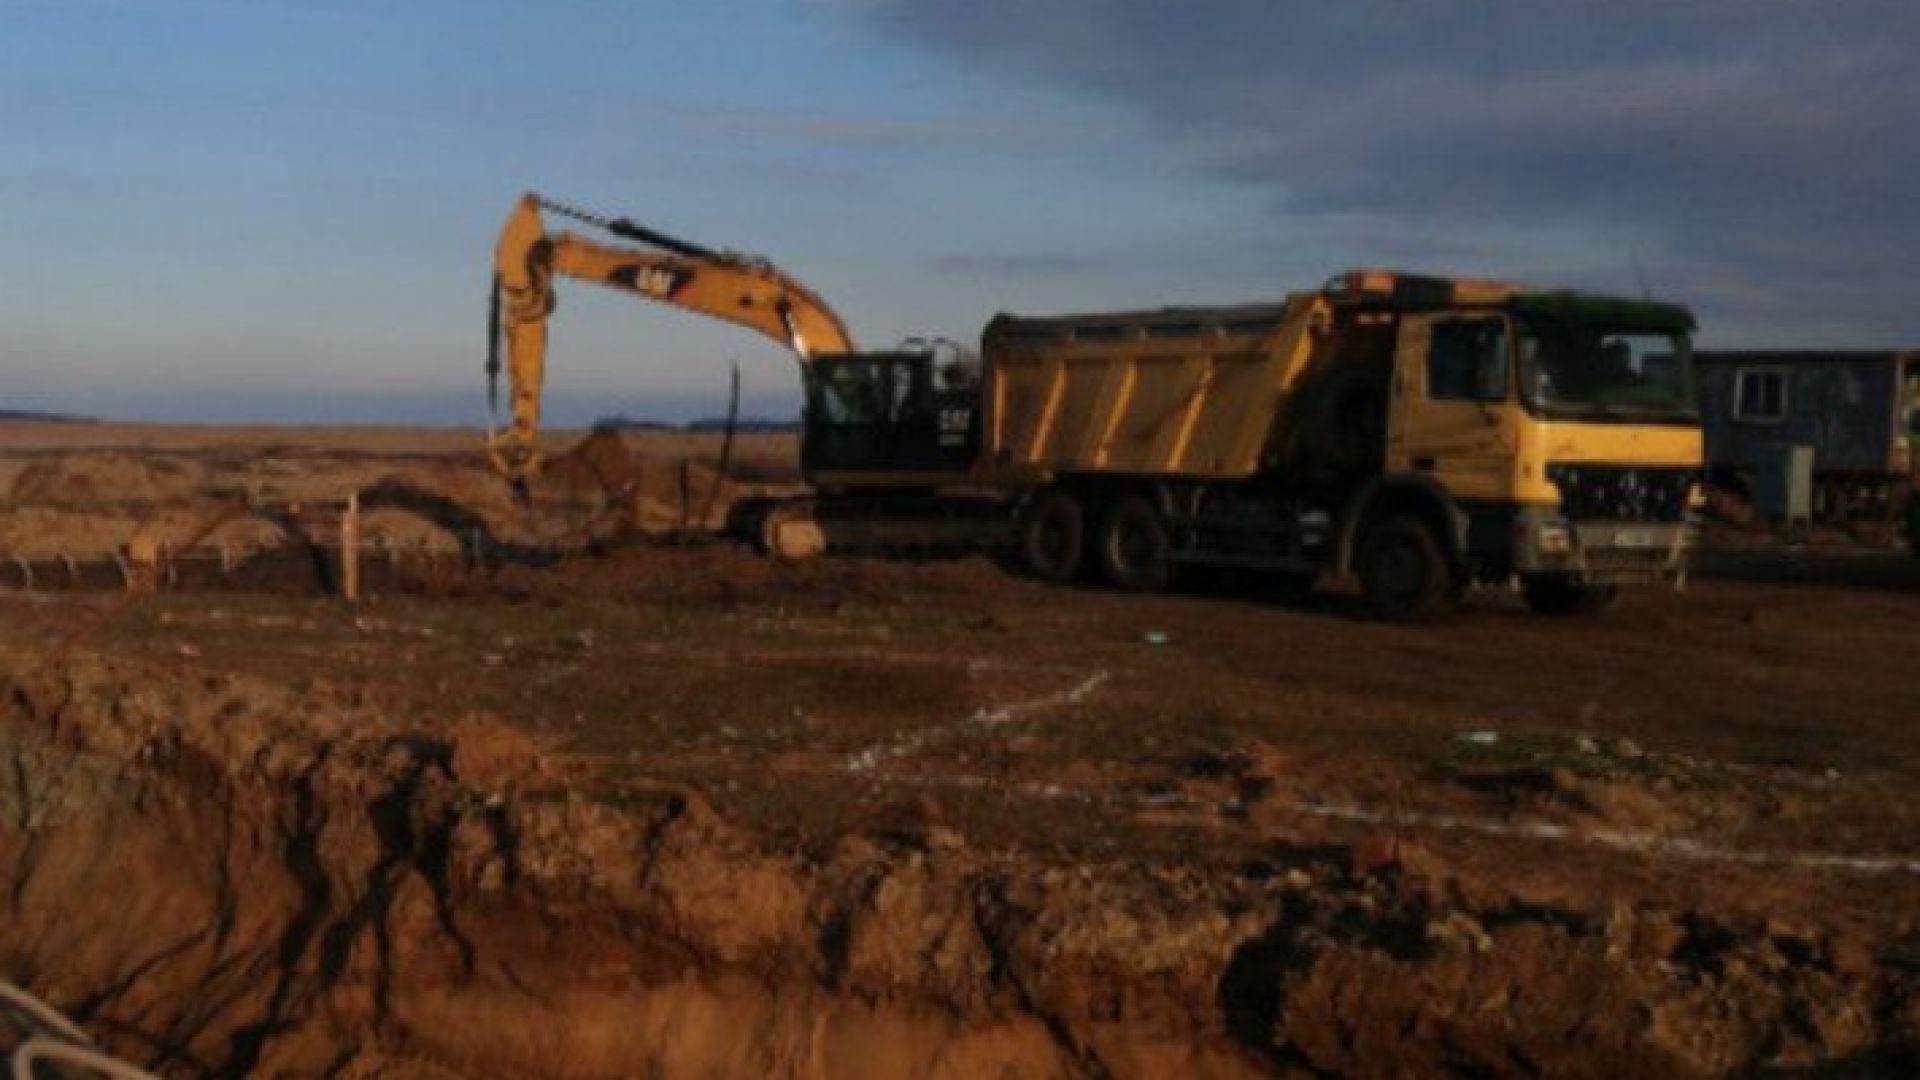 Възражда се проектът за строеж в къмпинг